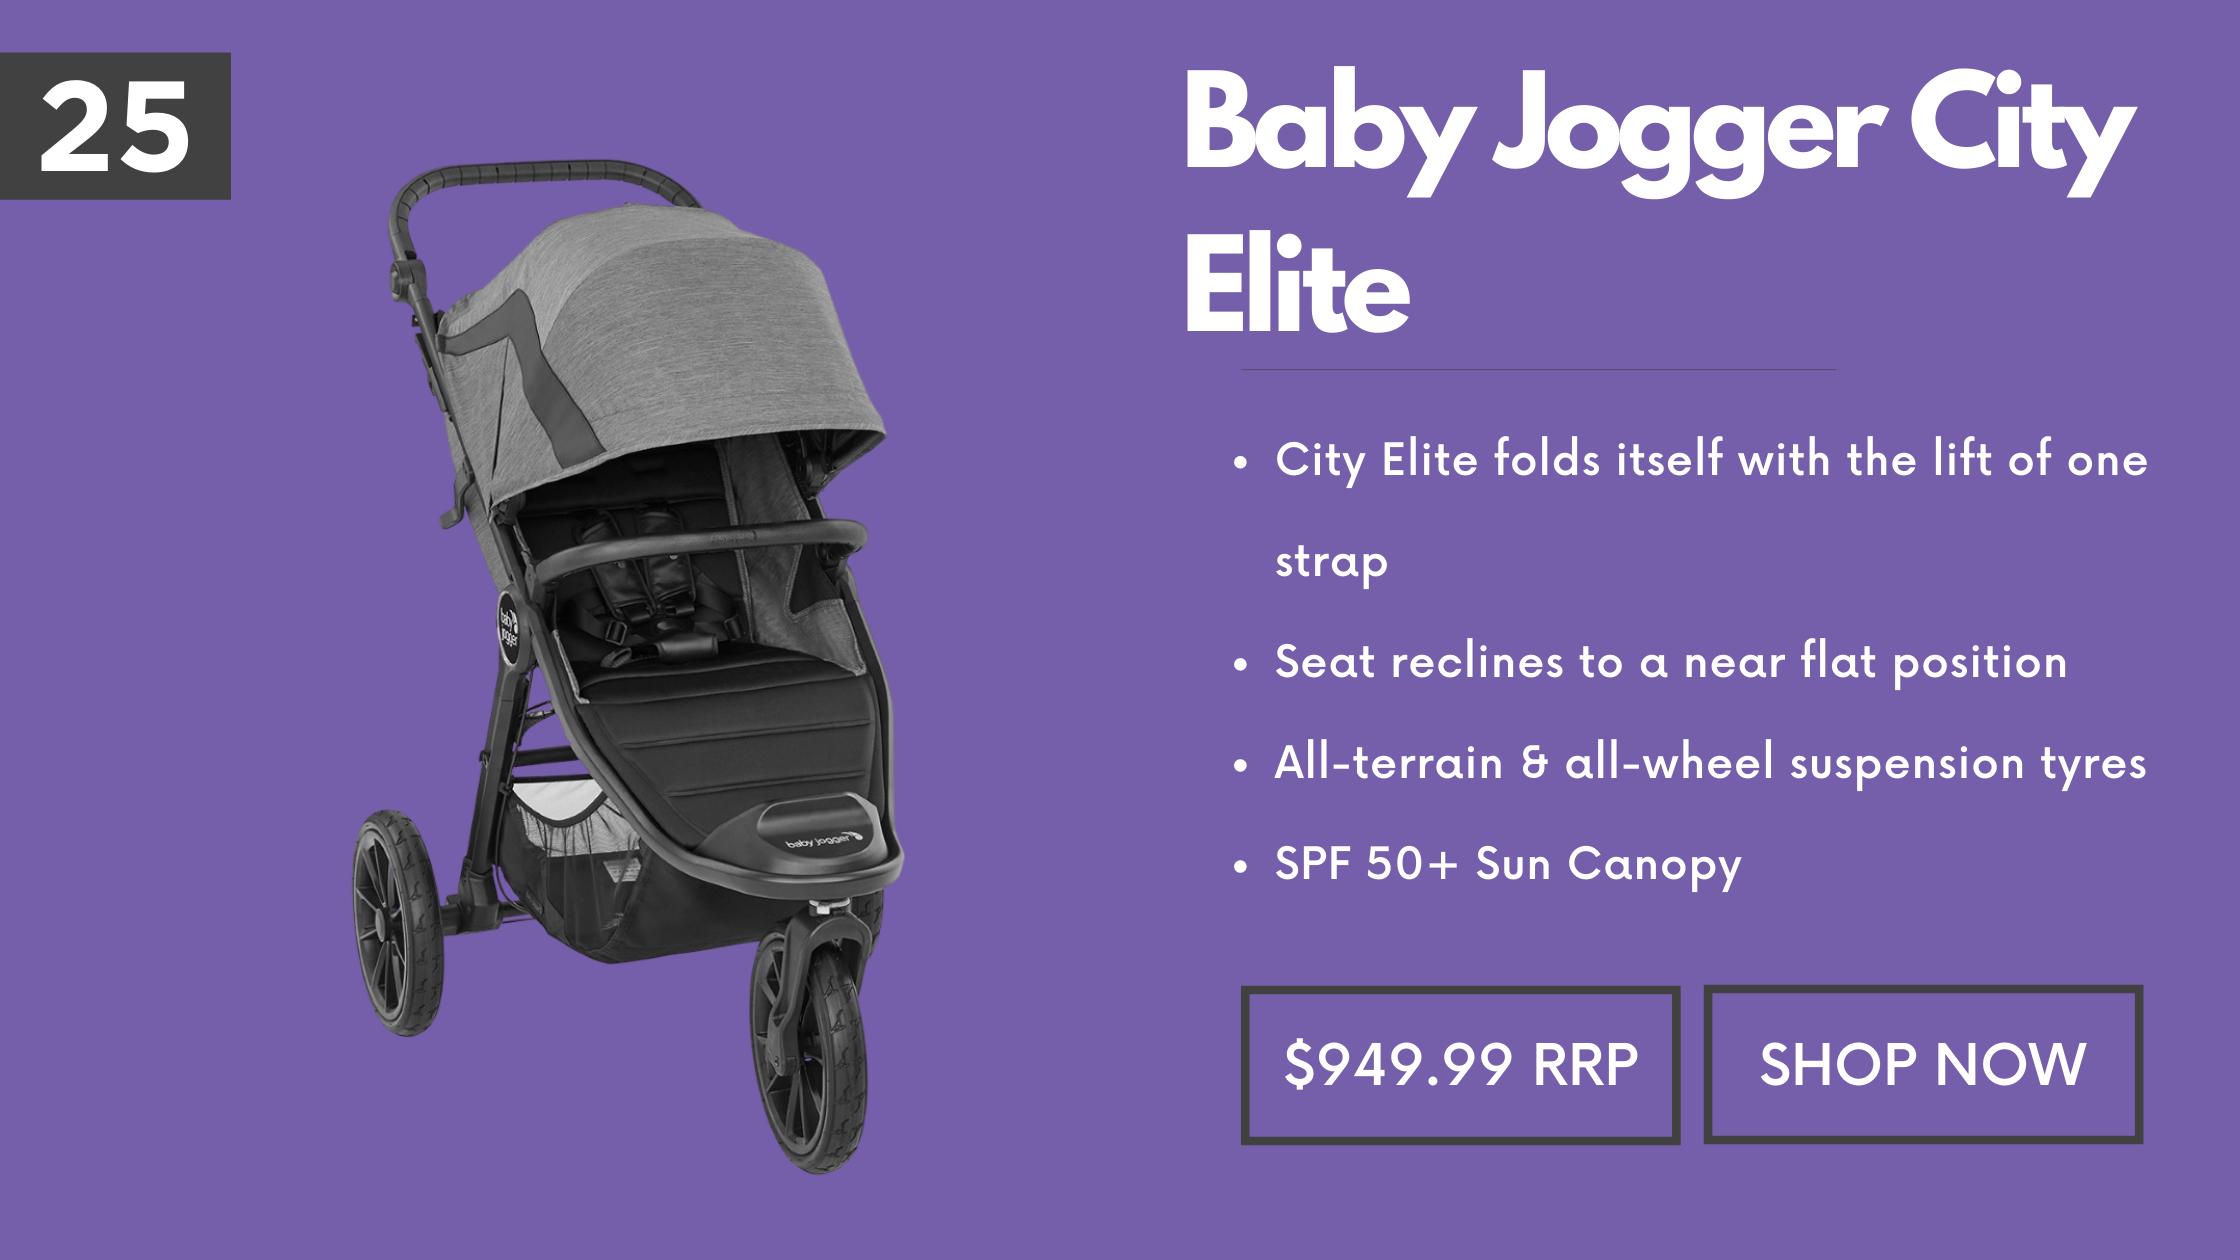 Baby Joggers City Elite